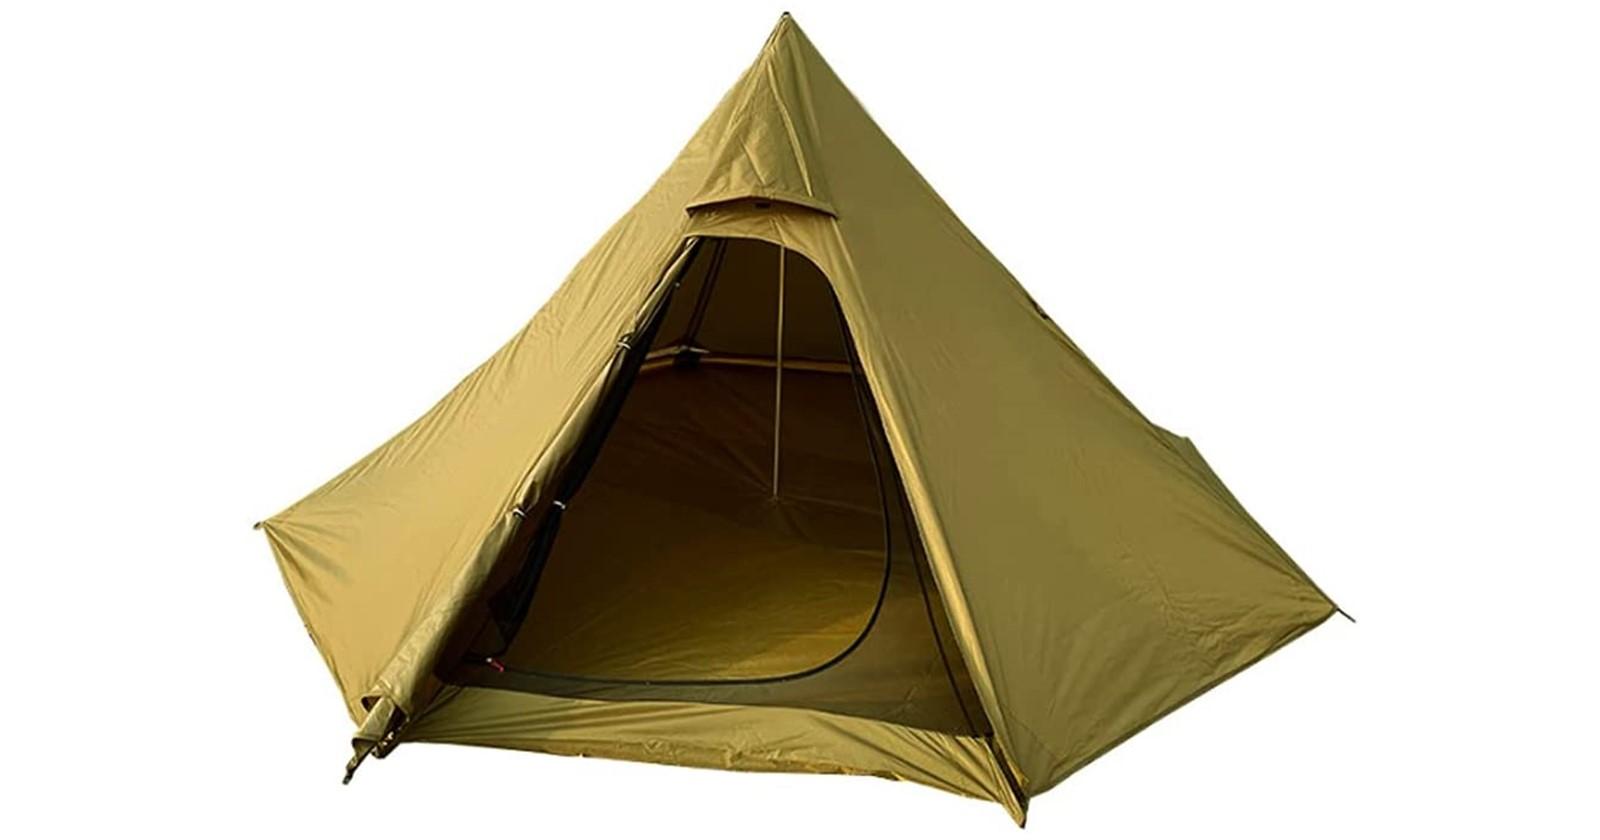 Amazonタイムセールでキャンプ用品が揃うかも!?テントやハンモックなどがお買い得